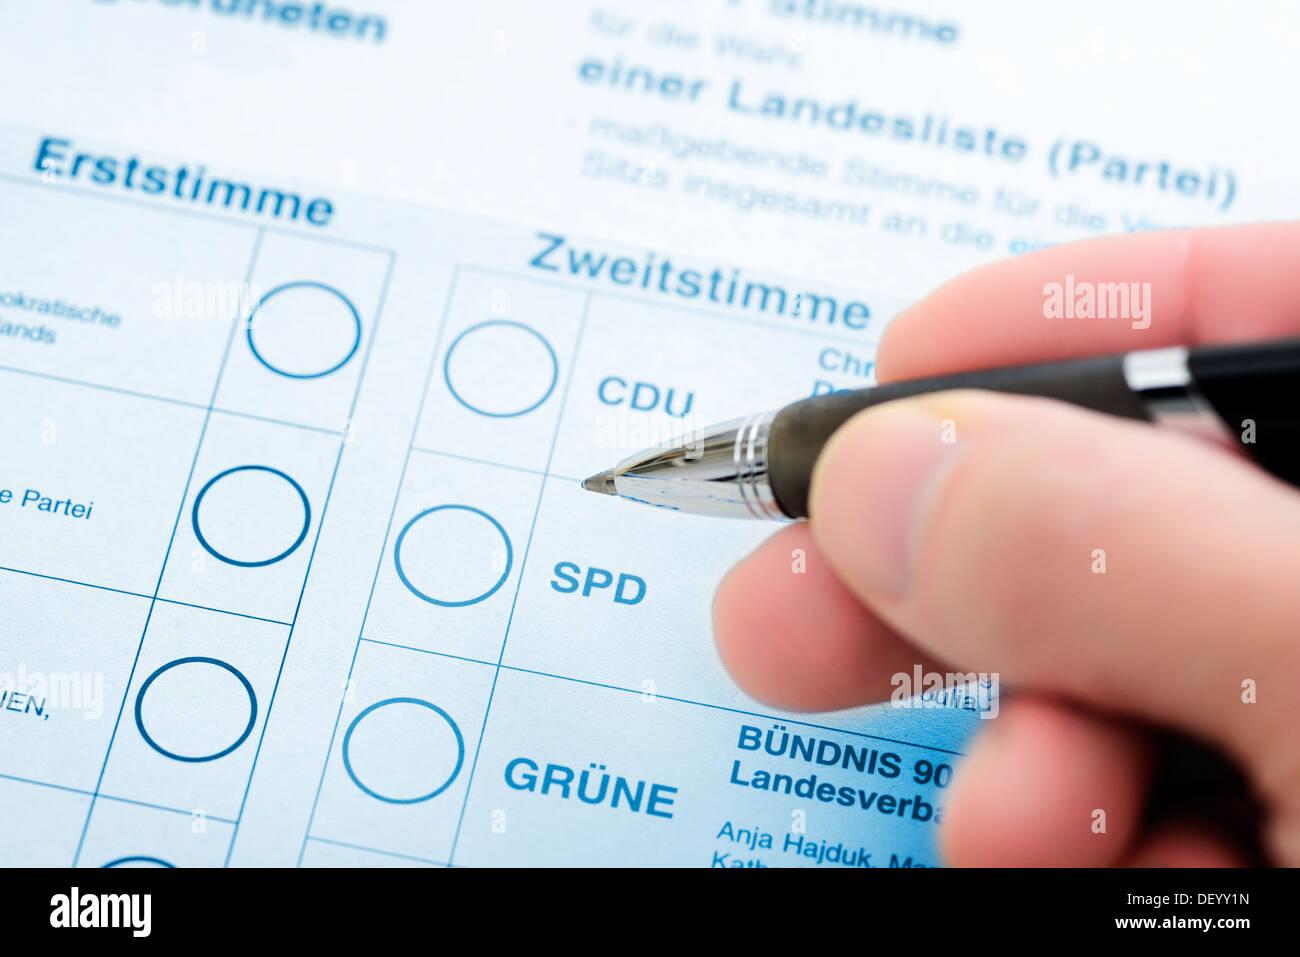 Vote for the parliamentary elections, Stimmzettel für die Bundestagswahl - Stock Image